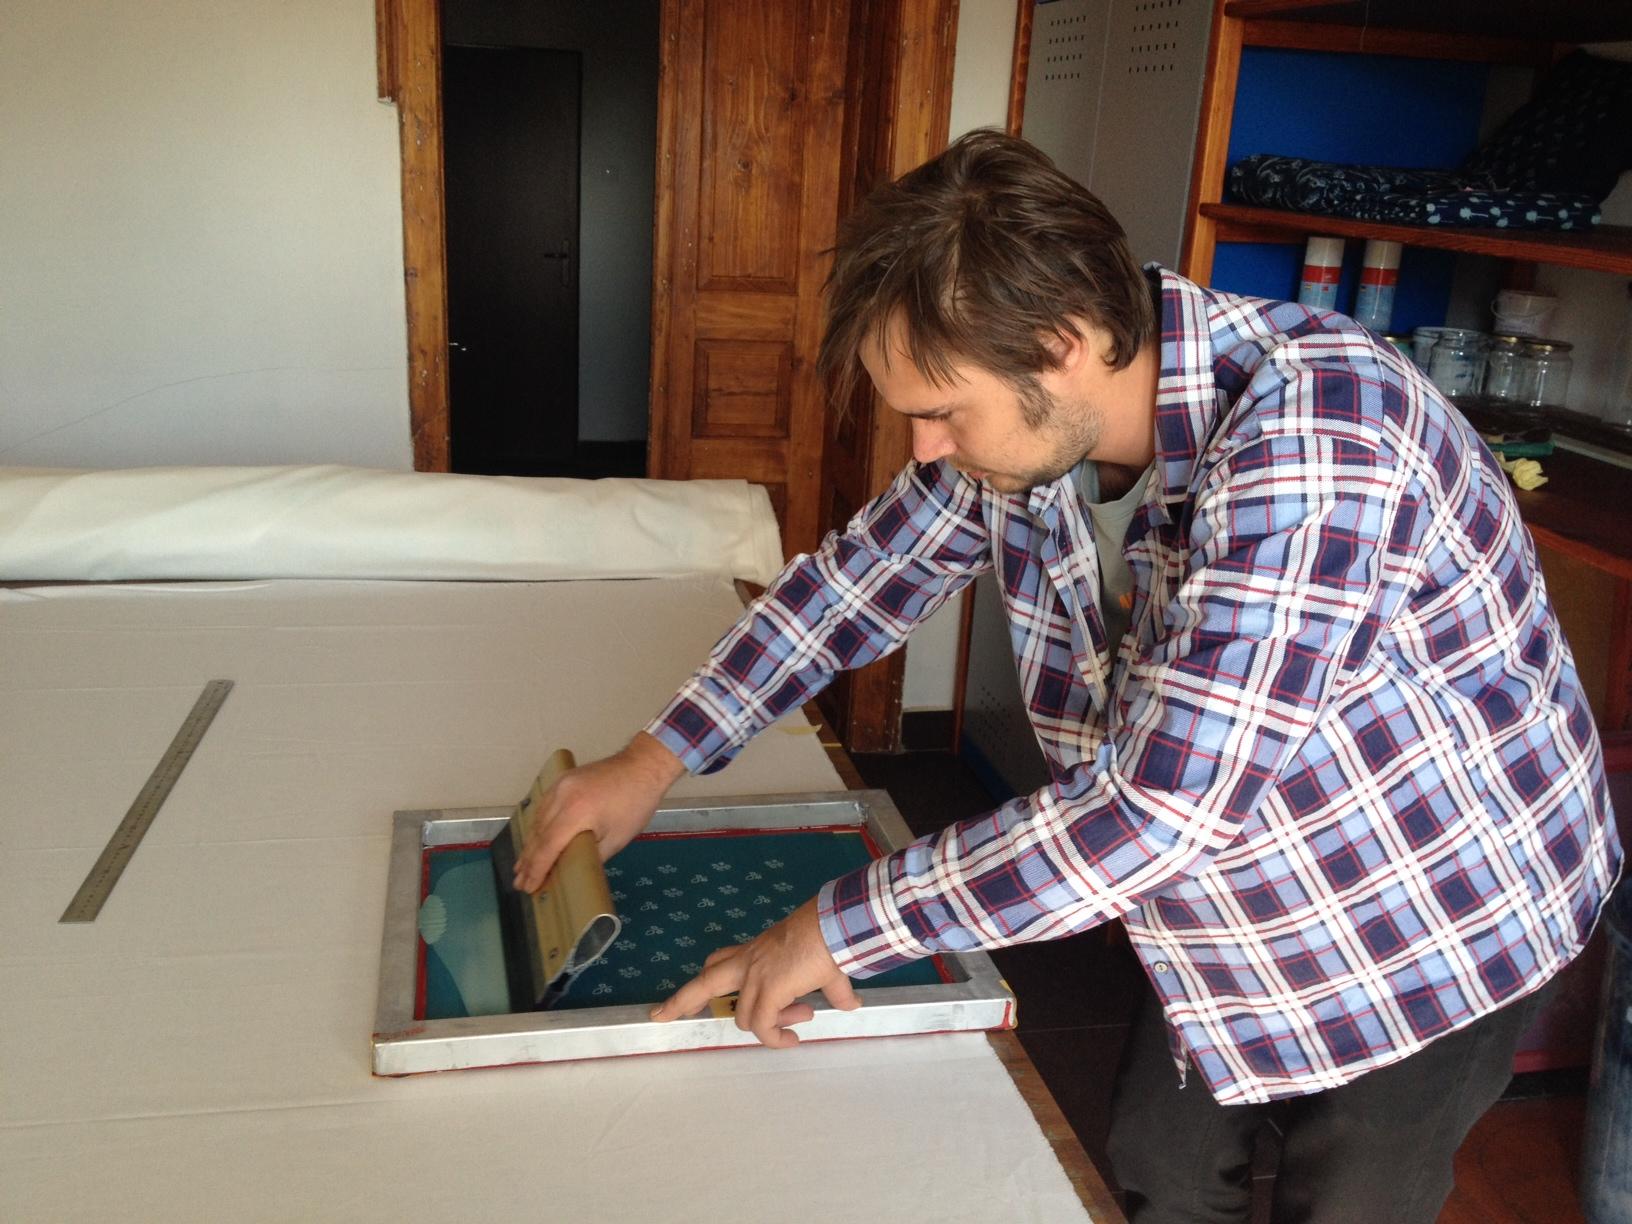 Mladý výtvarník nepoužívá dřevěné formy, ale sítotisk